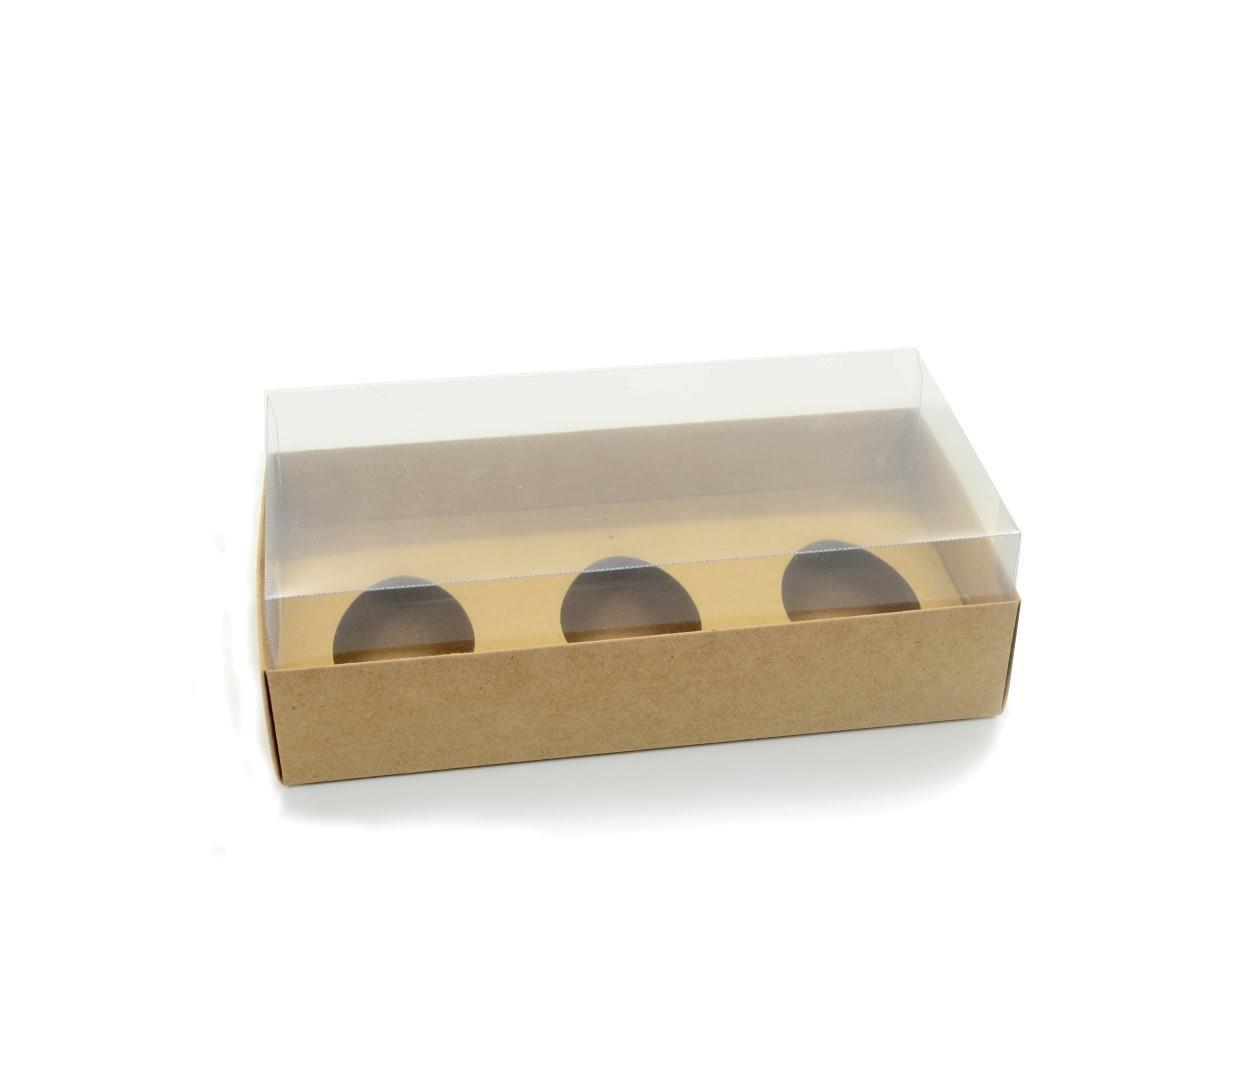 Ref 005 Kraft - Caixa Ovo Triplo 100/150 gr. c/ tampa Transparente ALTA - 25x13x7,5 cm - c/ 10 unidades